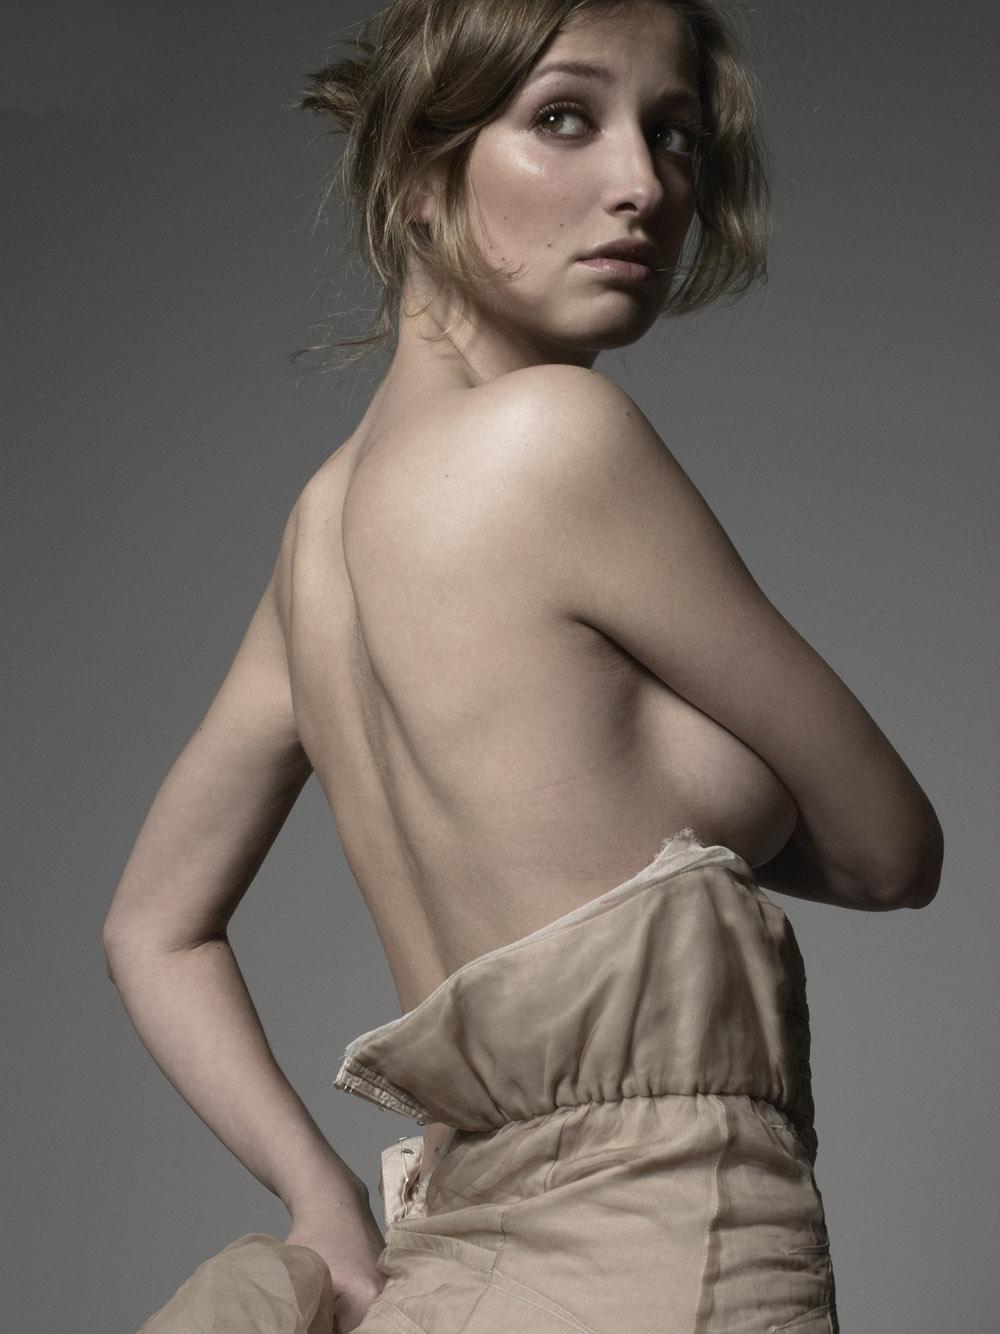 Александра Мария Лара голая. Фото - 42